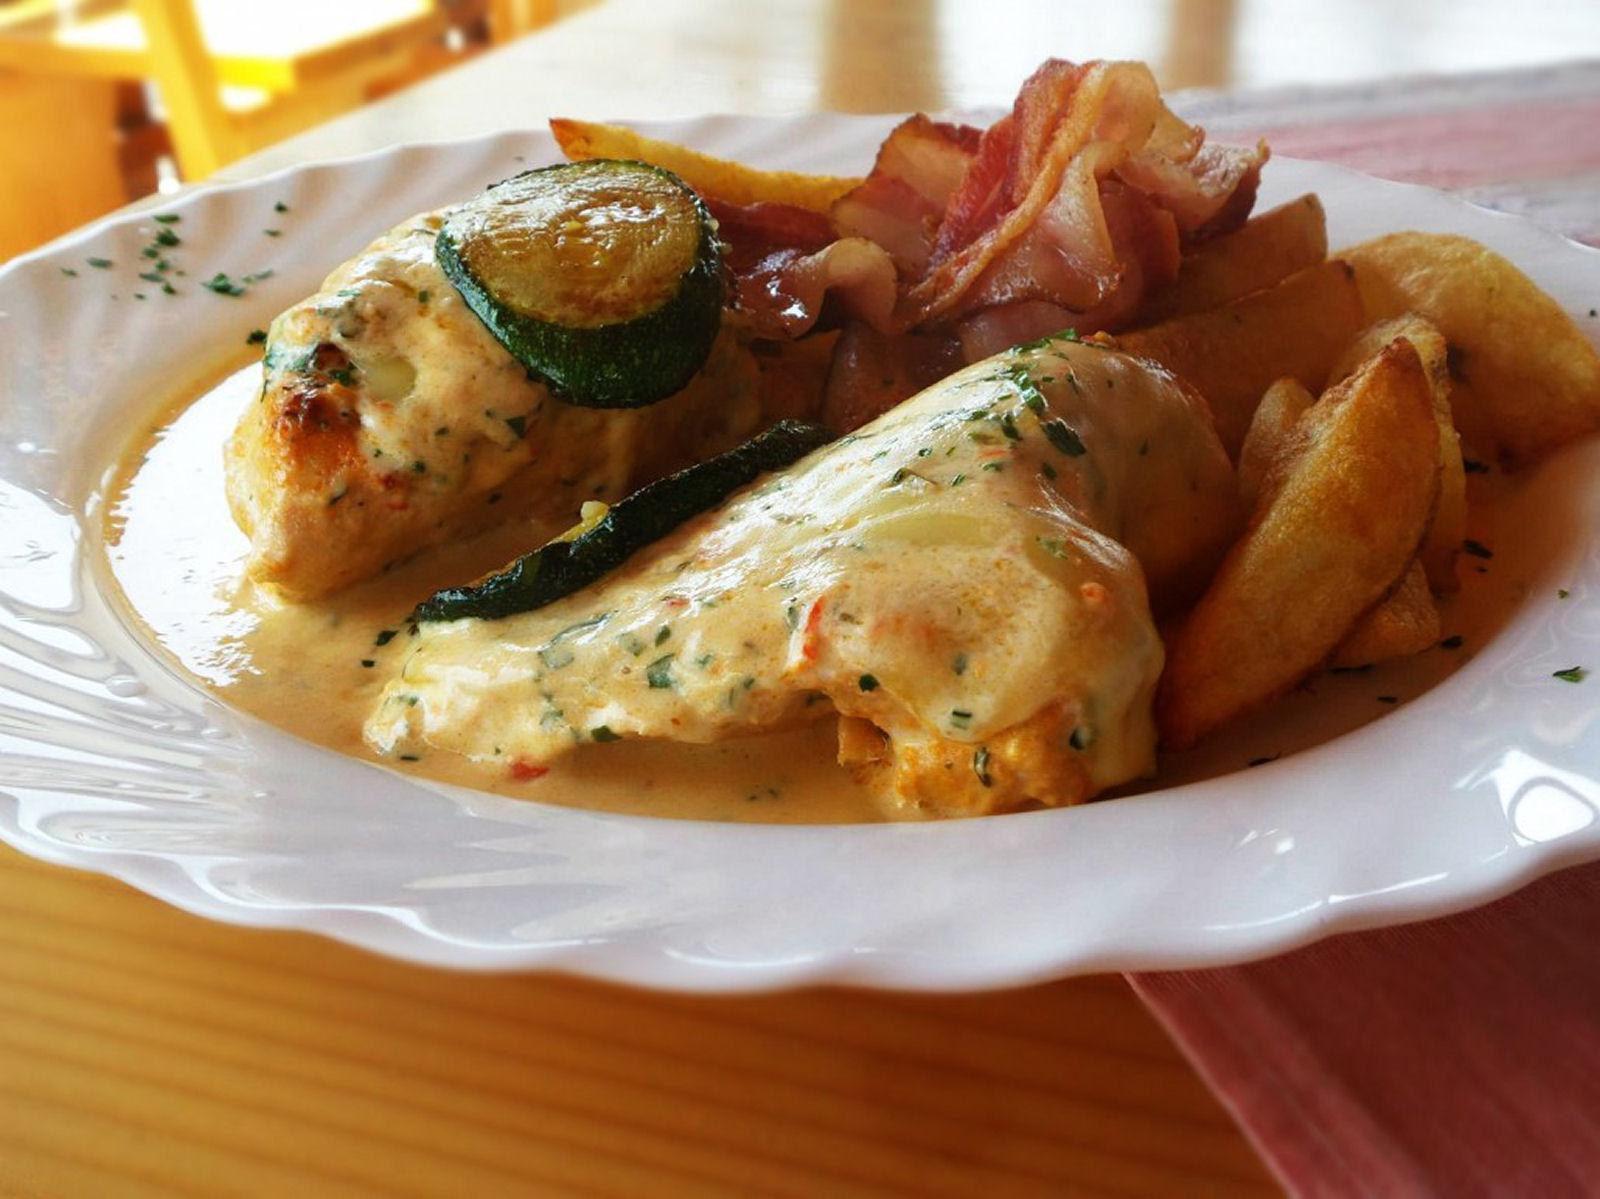 restaurant-knafel-food-zirovnica